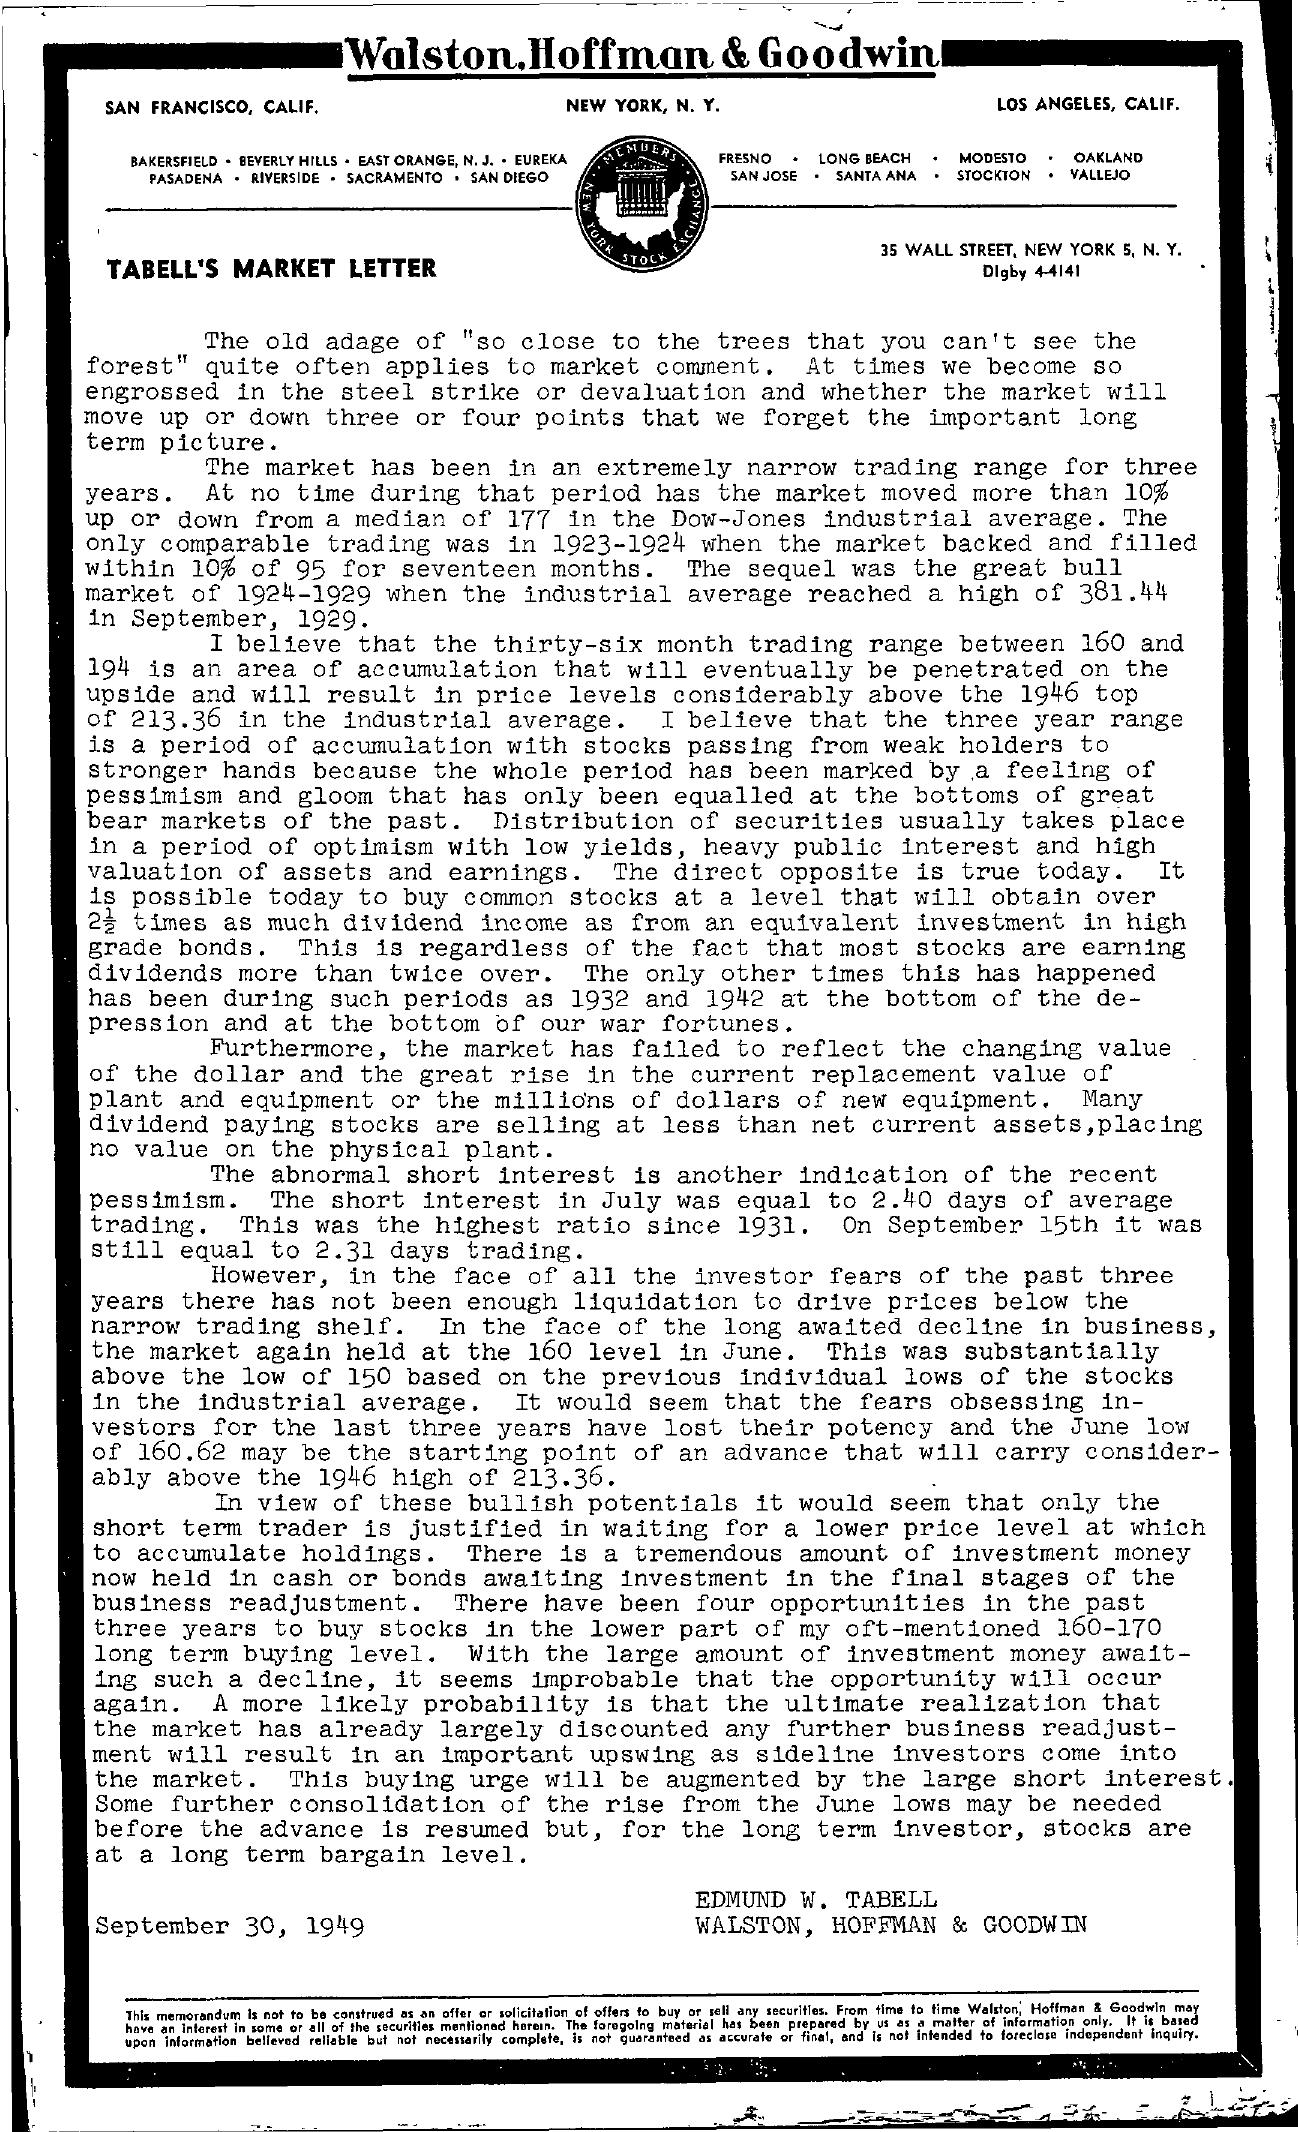 Tabell's Market Letter - September 30, 1949